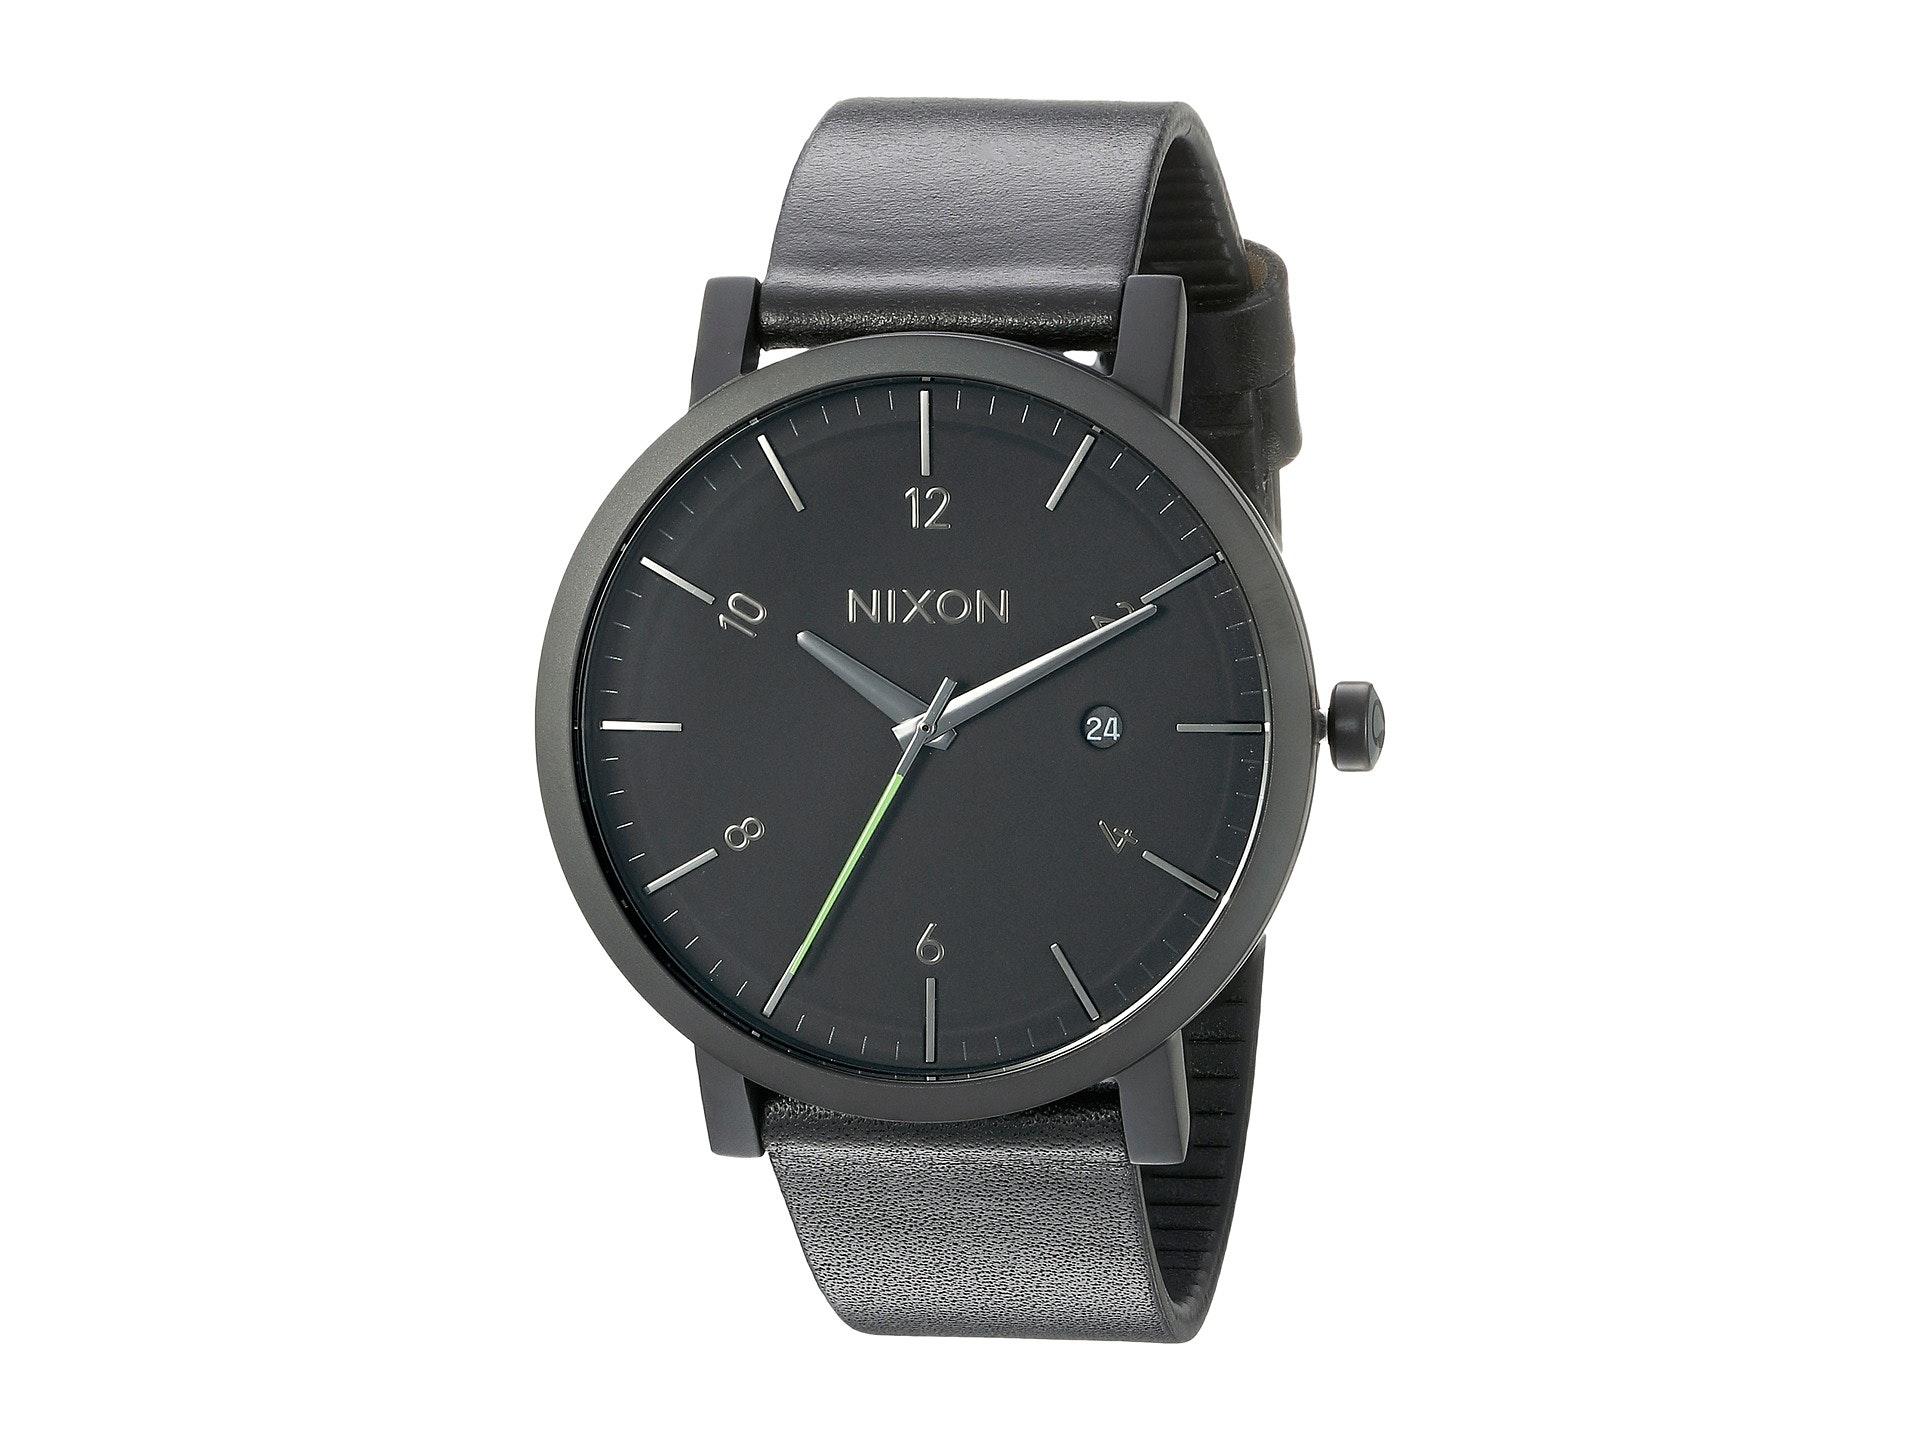 Nixon Rollo Watch All Black a945-001